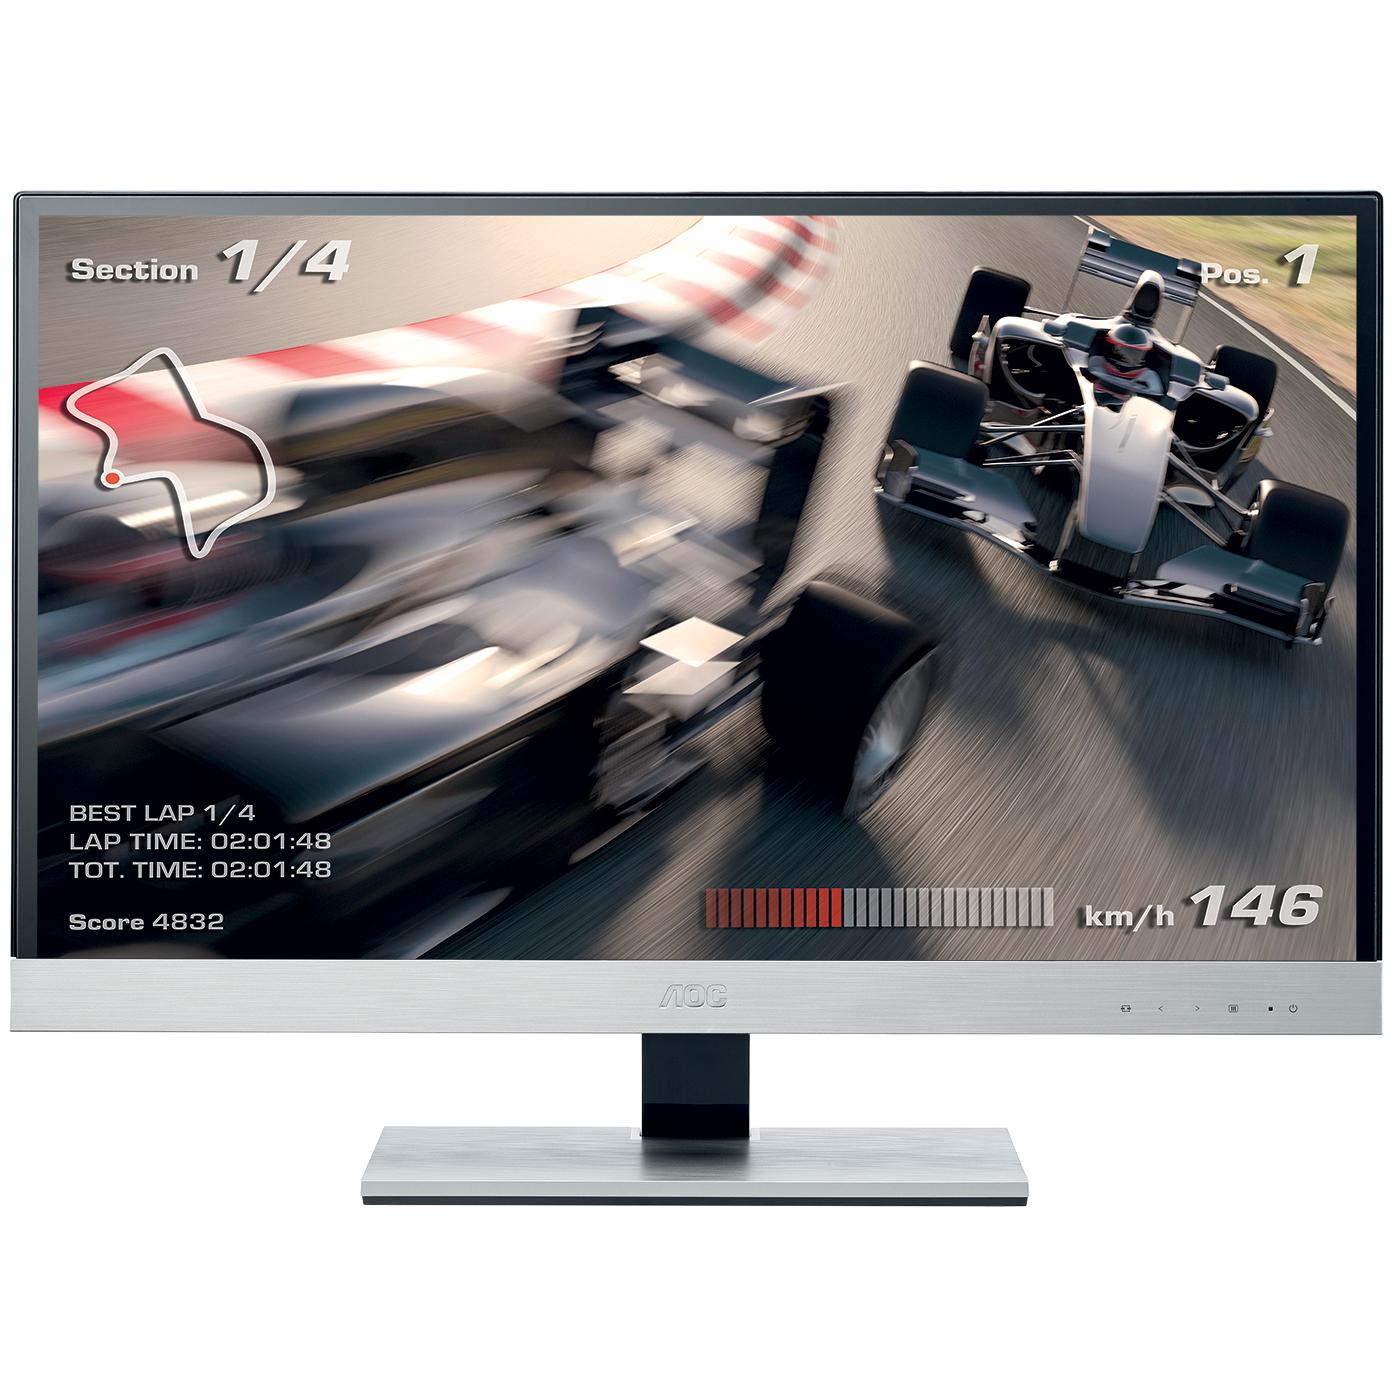 Ecran Moniteur IPS 27 pouces AOC i2757Fm 16/9eme (5ms) 2x HDMI/VGA,Informatique Réunion 974